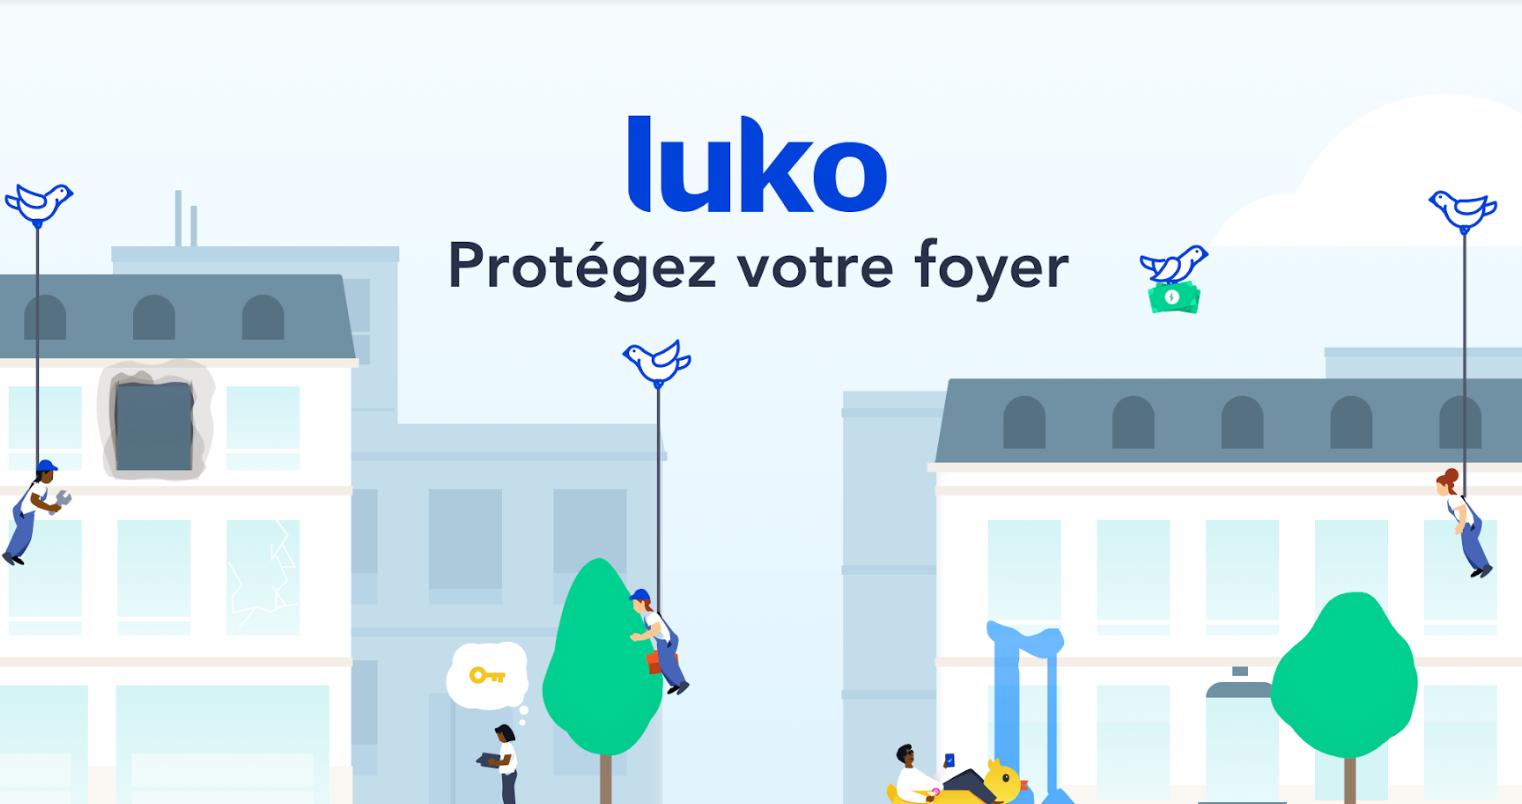 luko offre